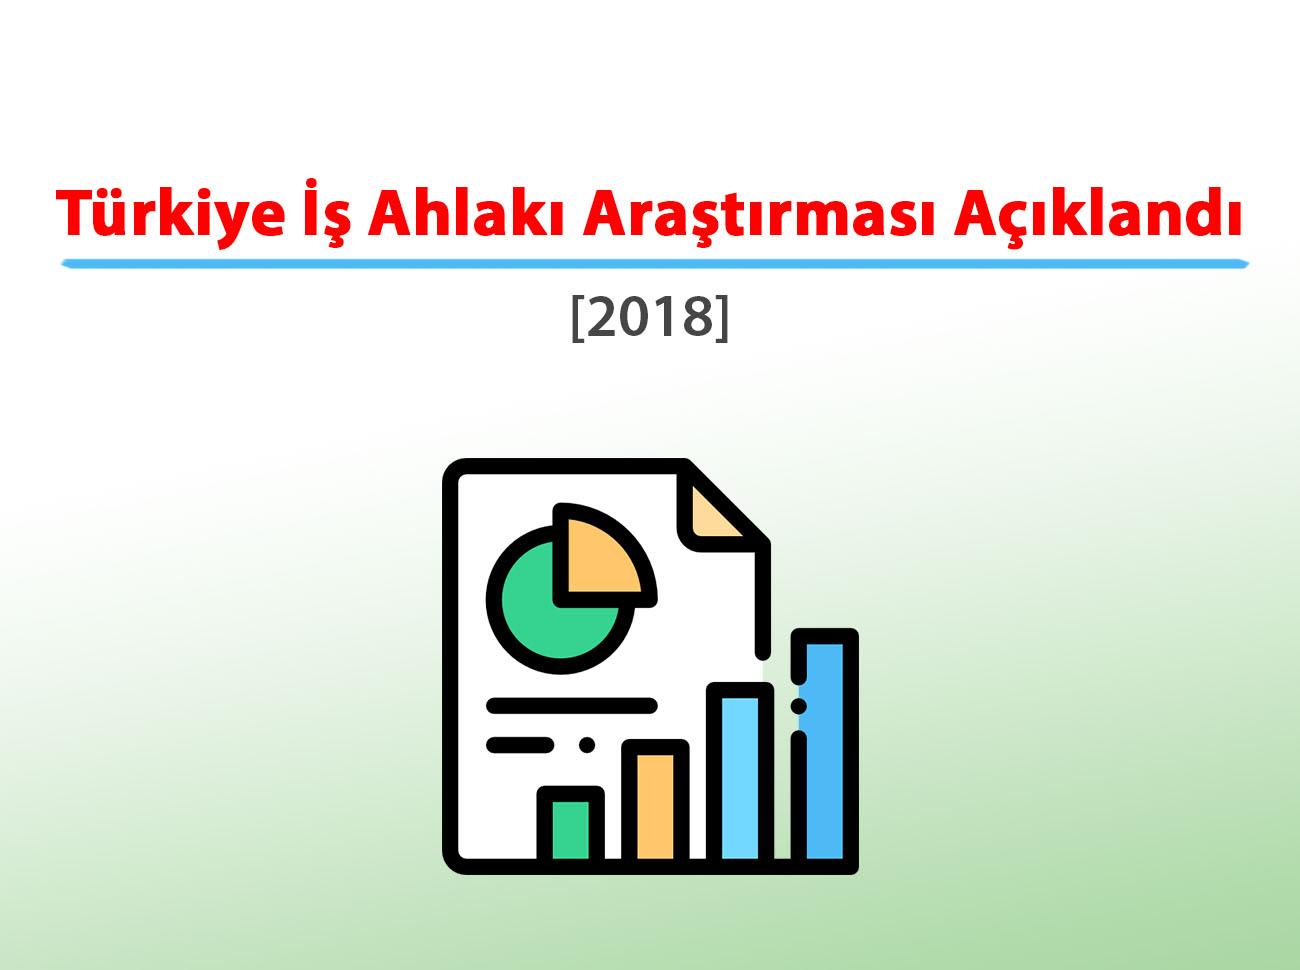 Türkiye İş Ahlakı Araştırması 2018 Açıklandı